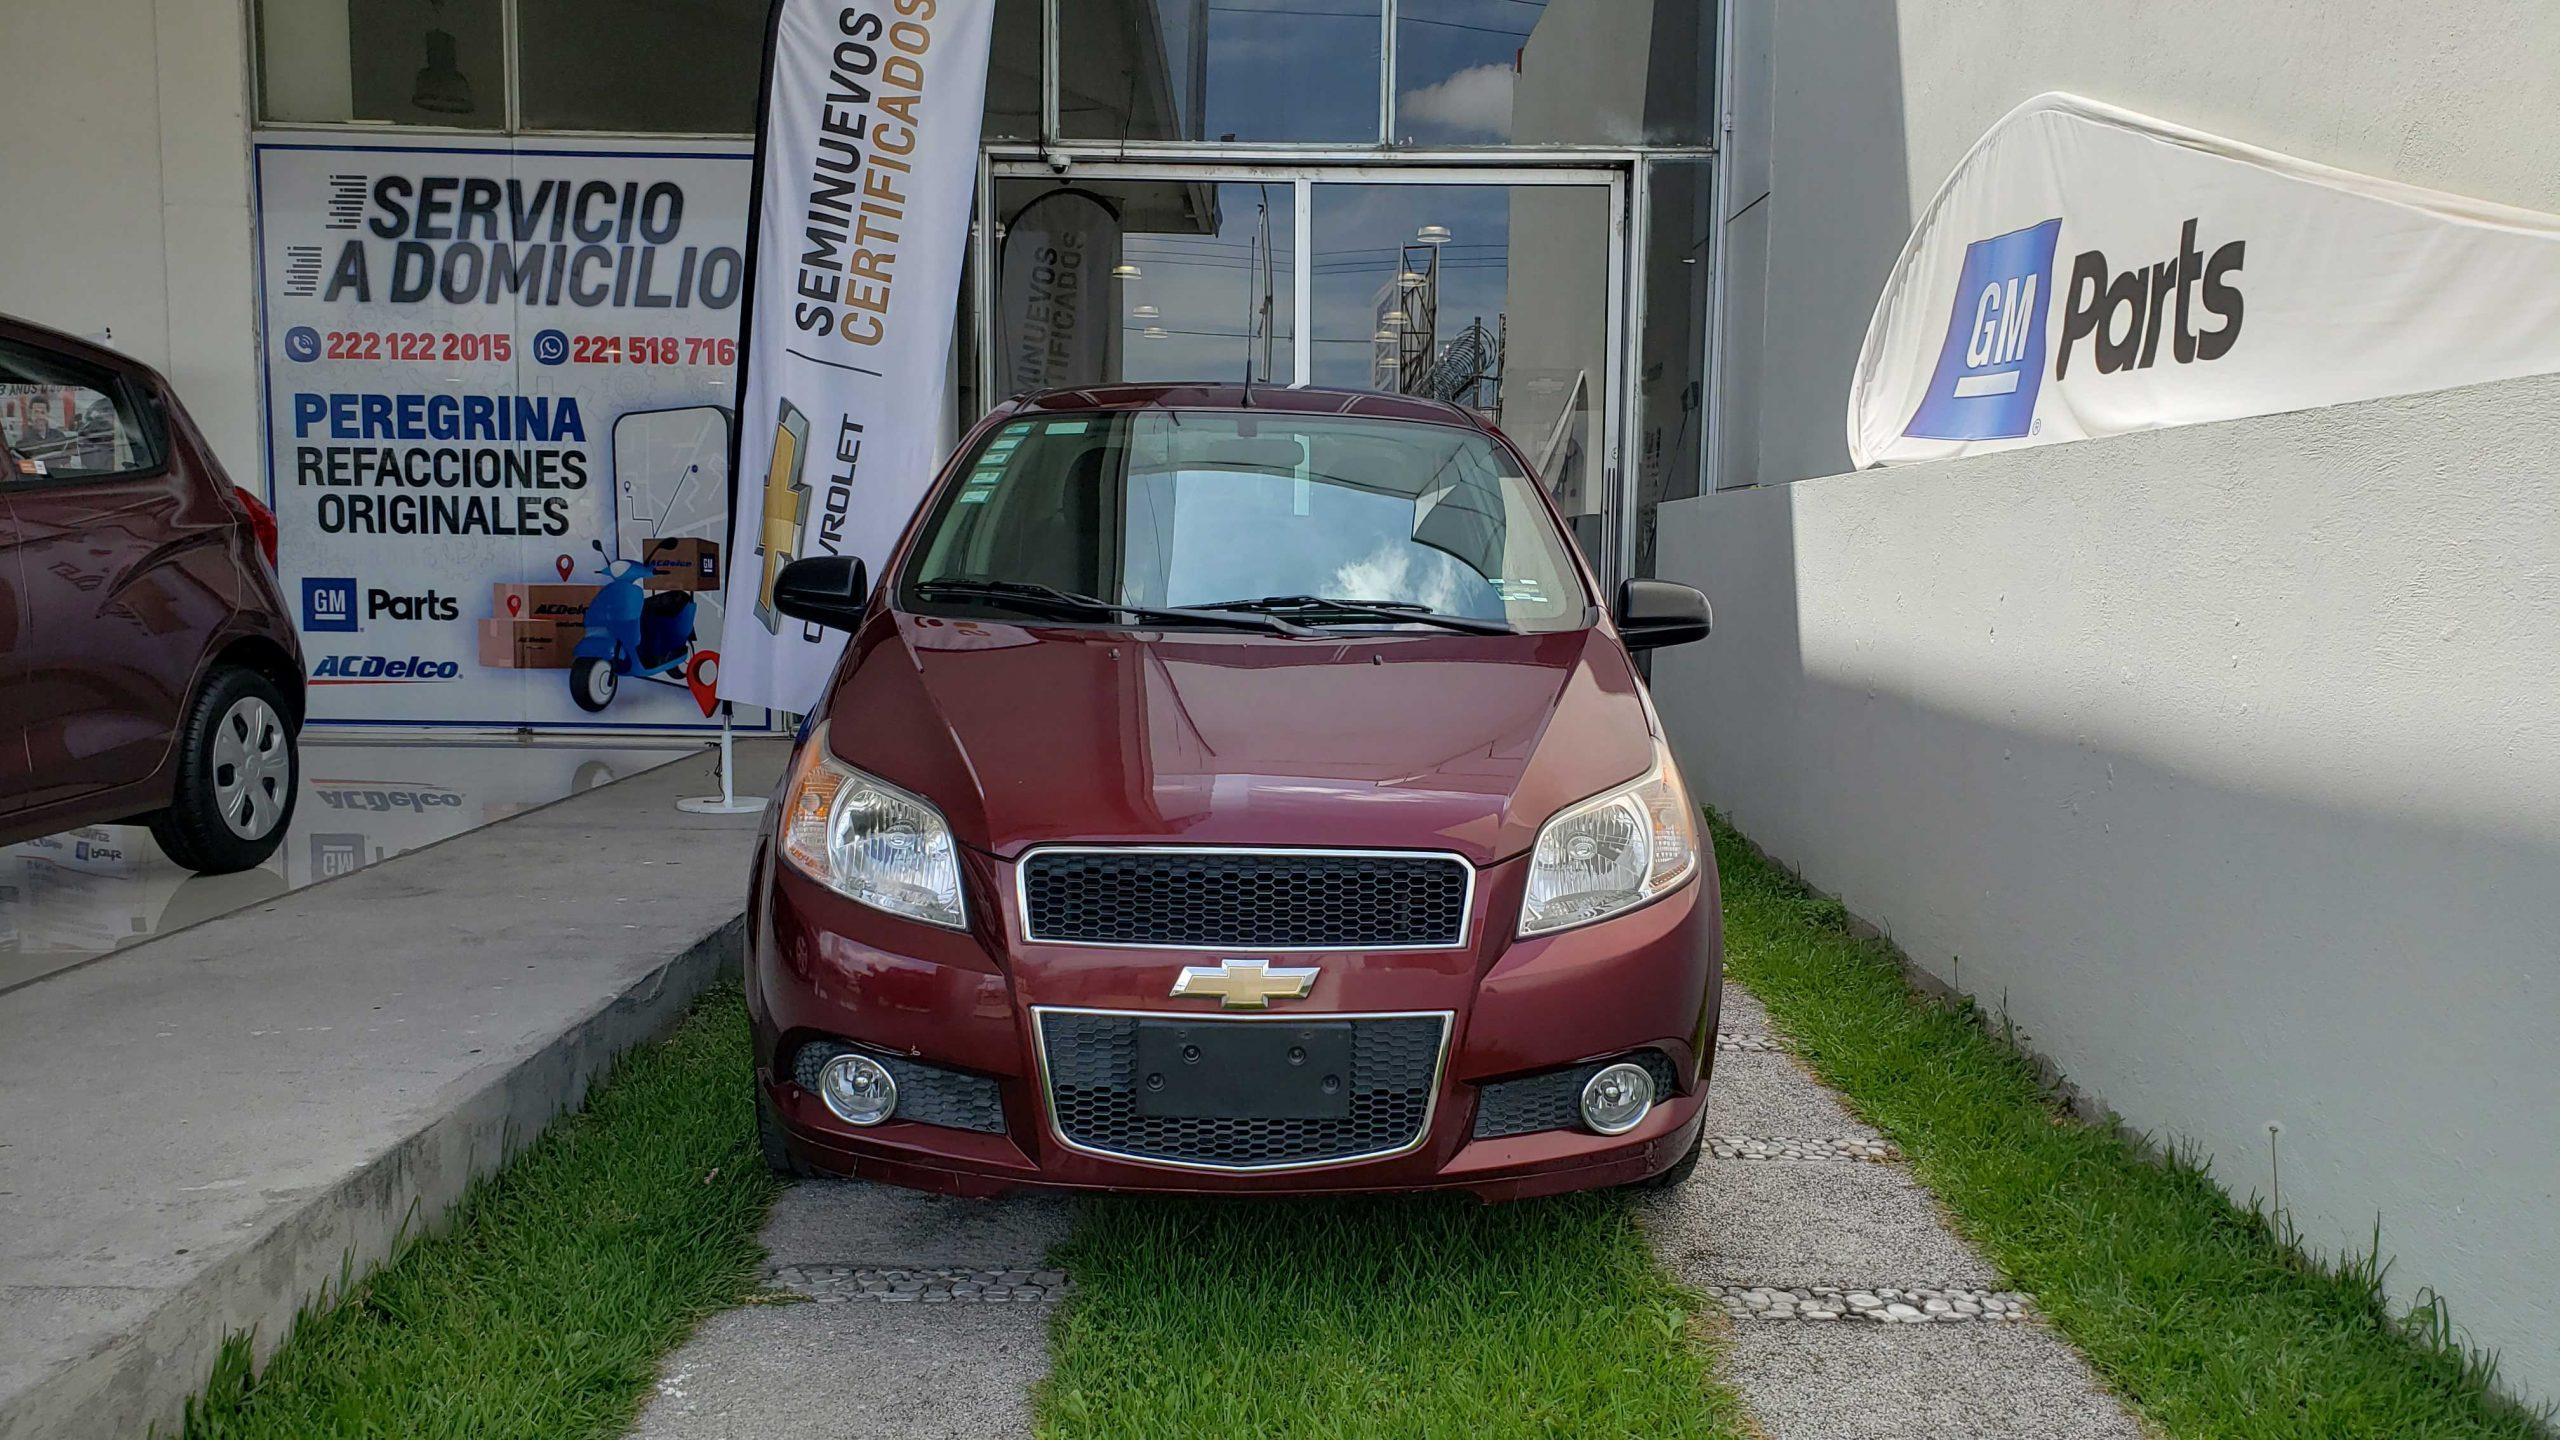 AUTO SEMINUEVO EN VENTA Chevrolet Aveo LTZ 2016 4 Puertas 2016 Mt